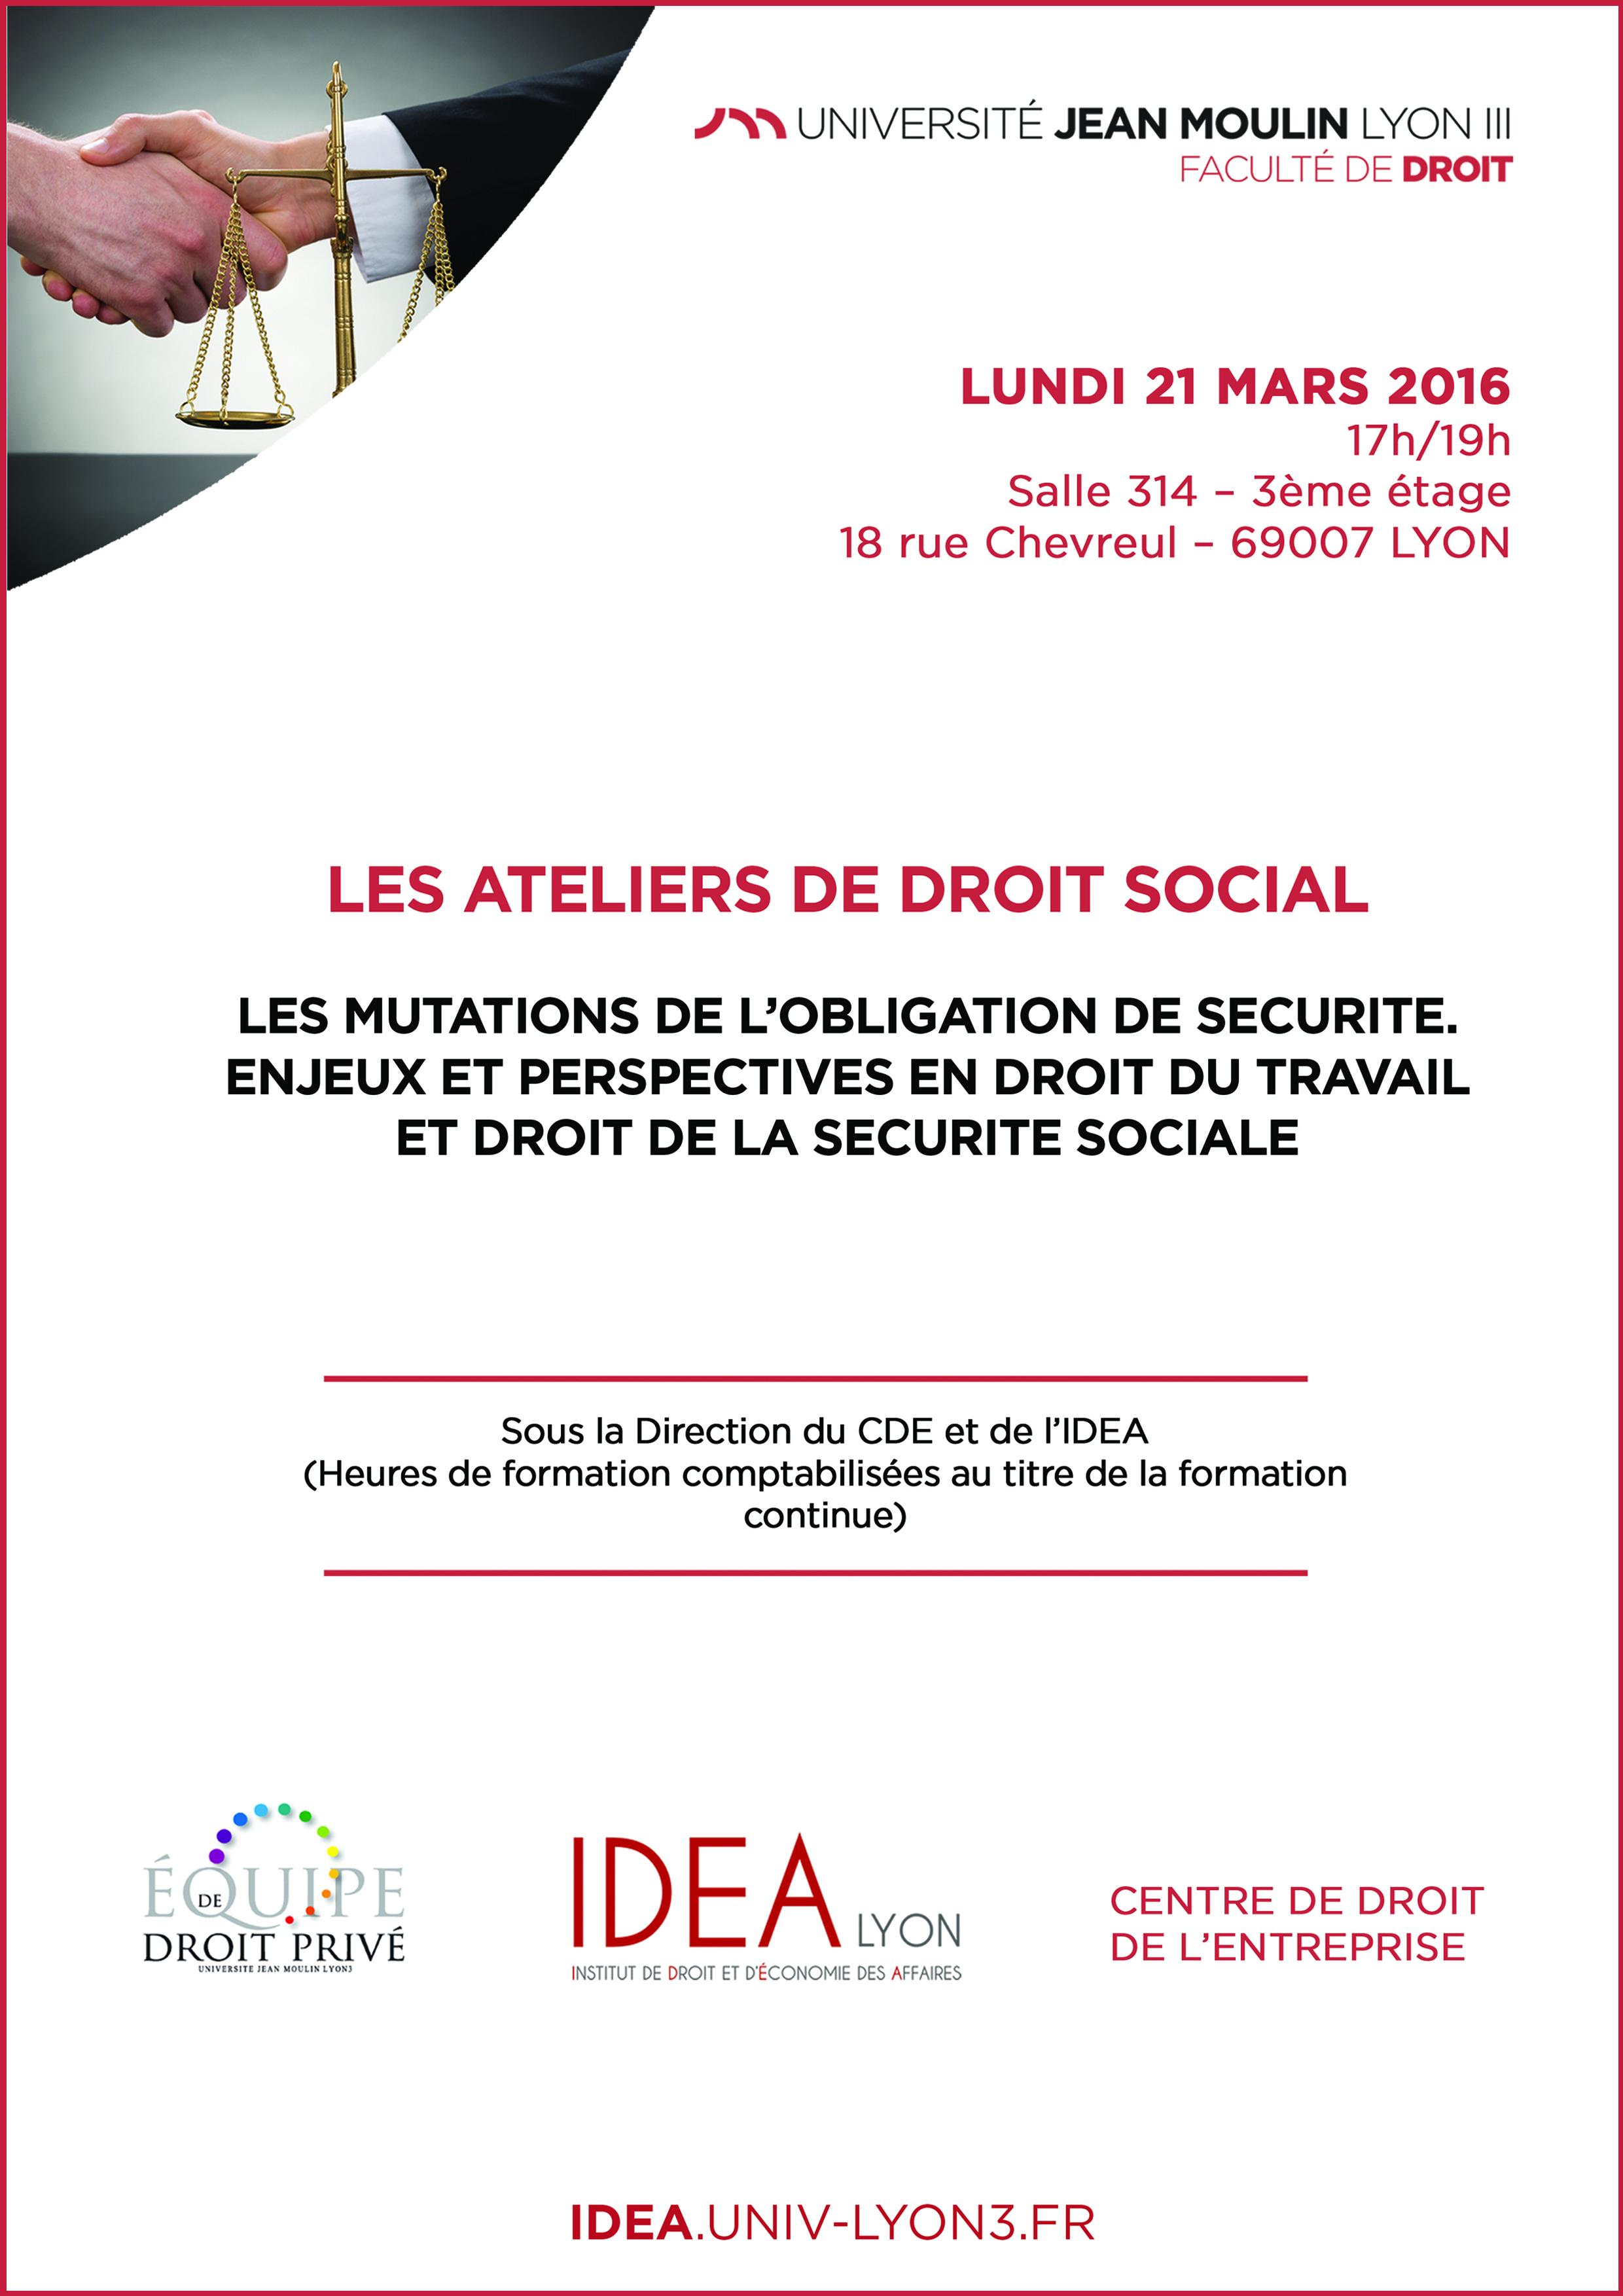 affiche ateliers de droit social